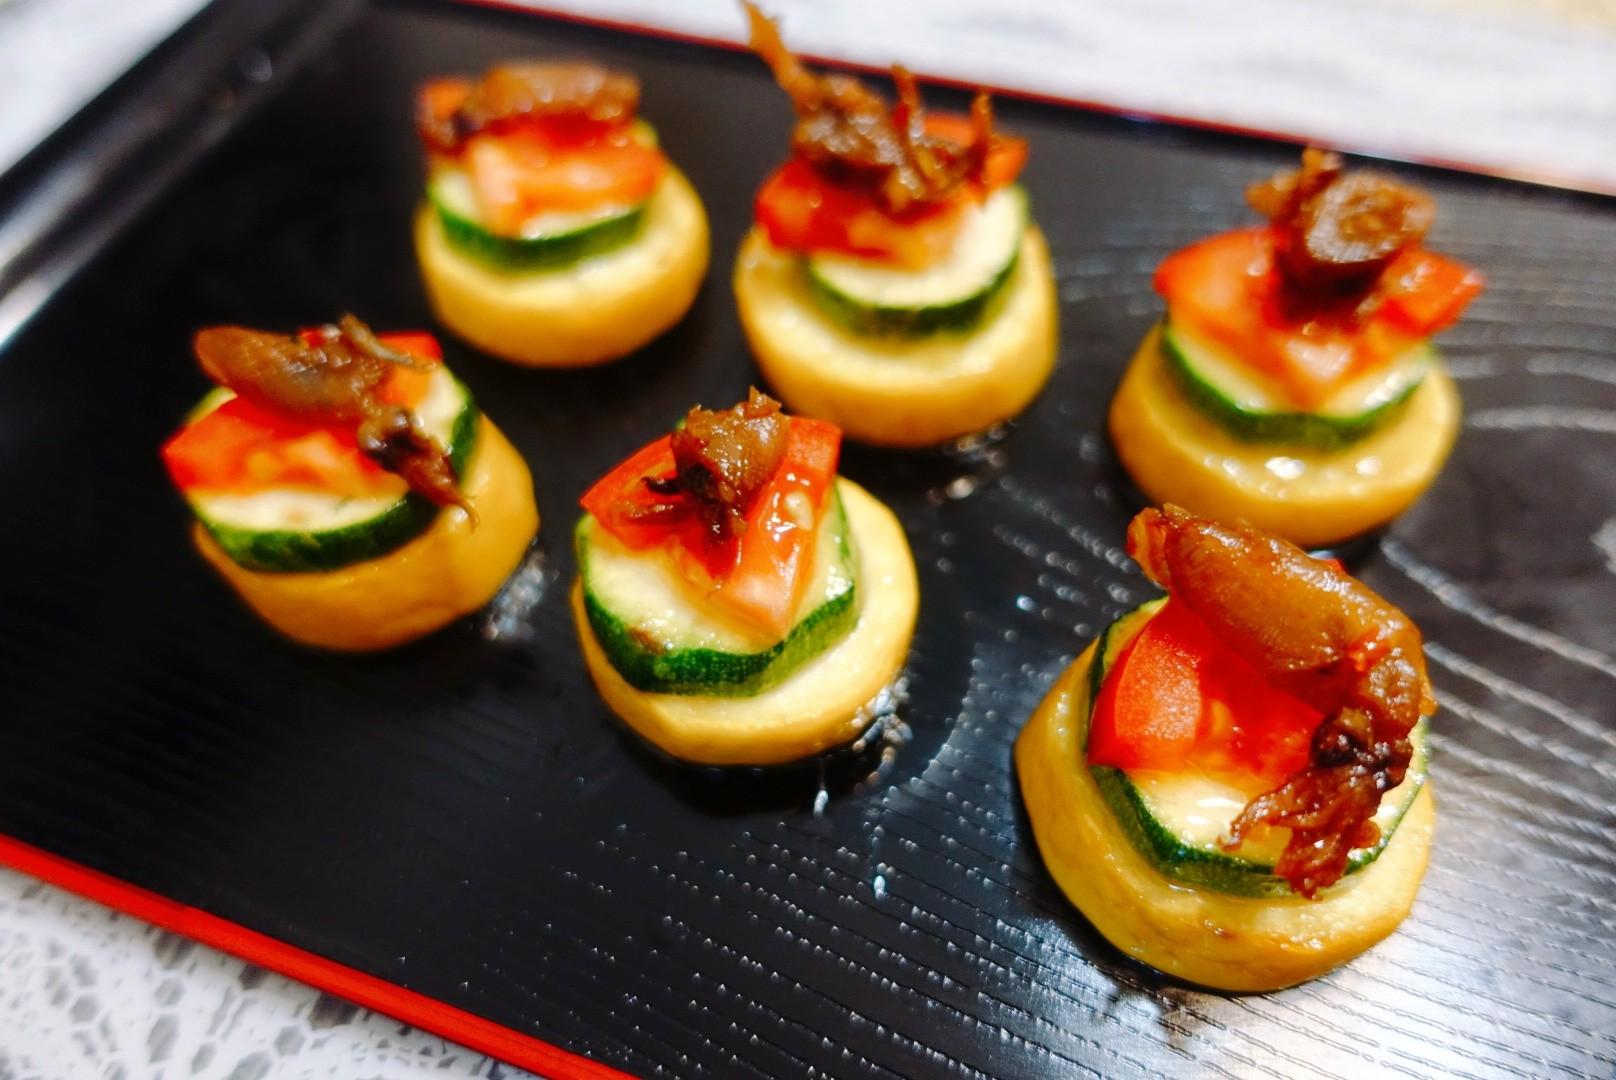 【食譜】香煎櫛瓜佐小管醬|三步驟就上桌,毫無難度的櫛瓜料理